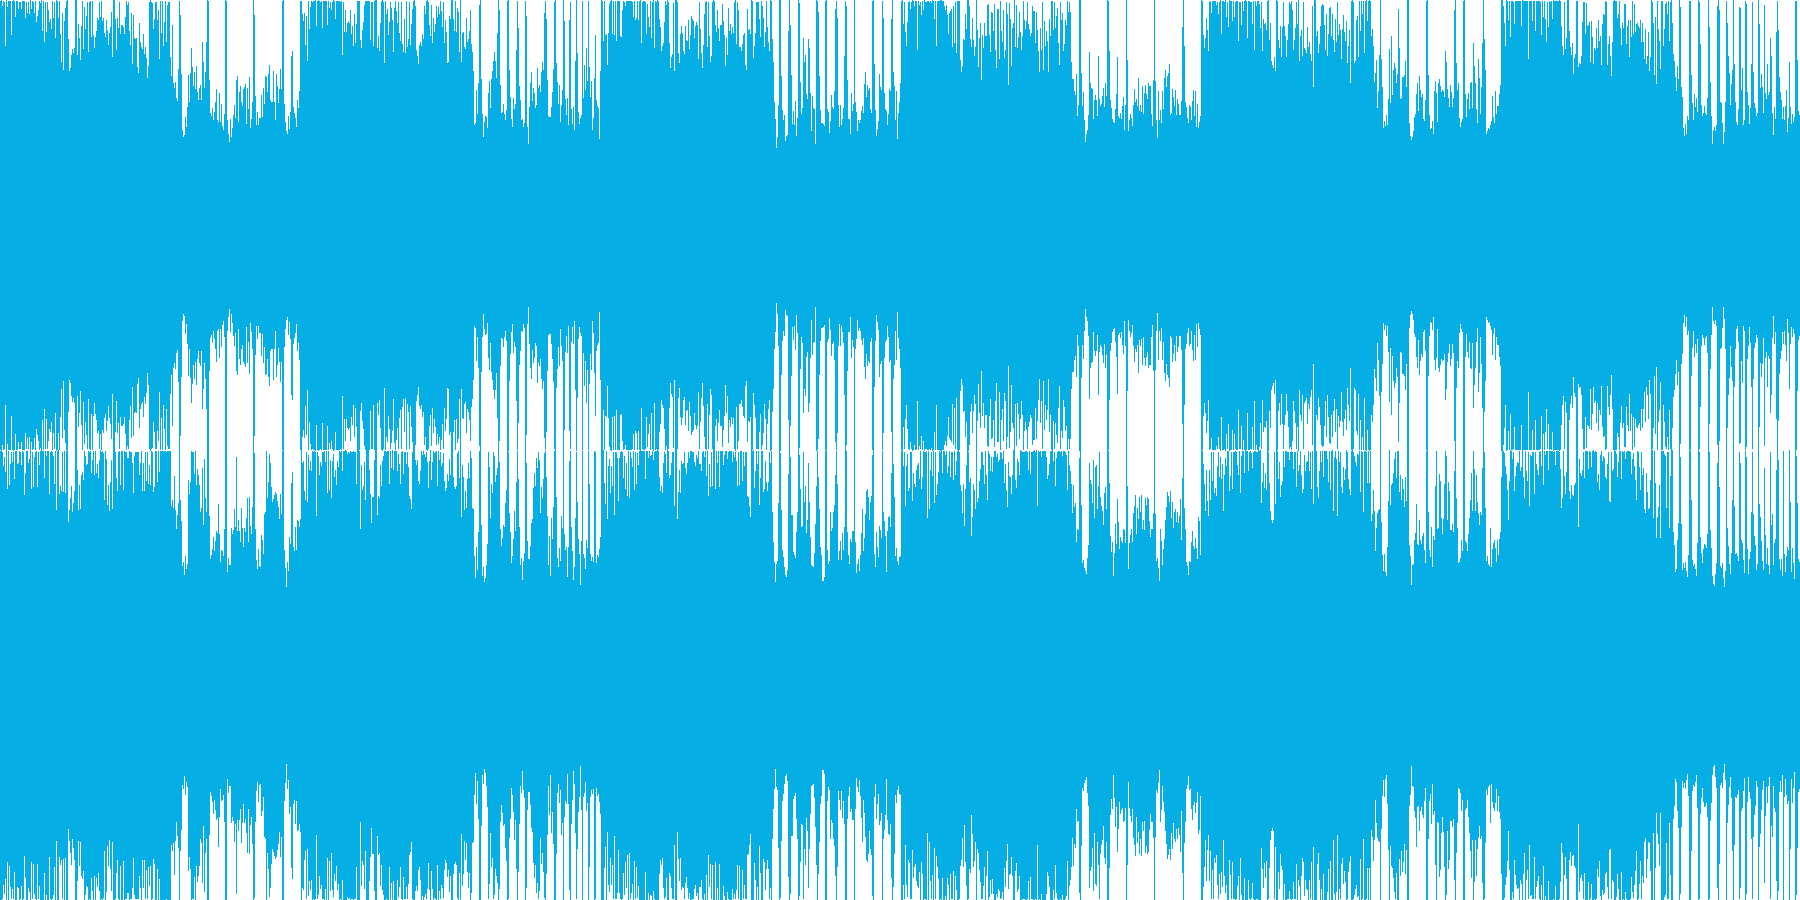 ロックメタル風のヘヴィーLOOP BGMの再生済みの波形